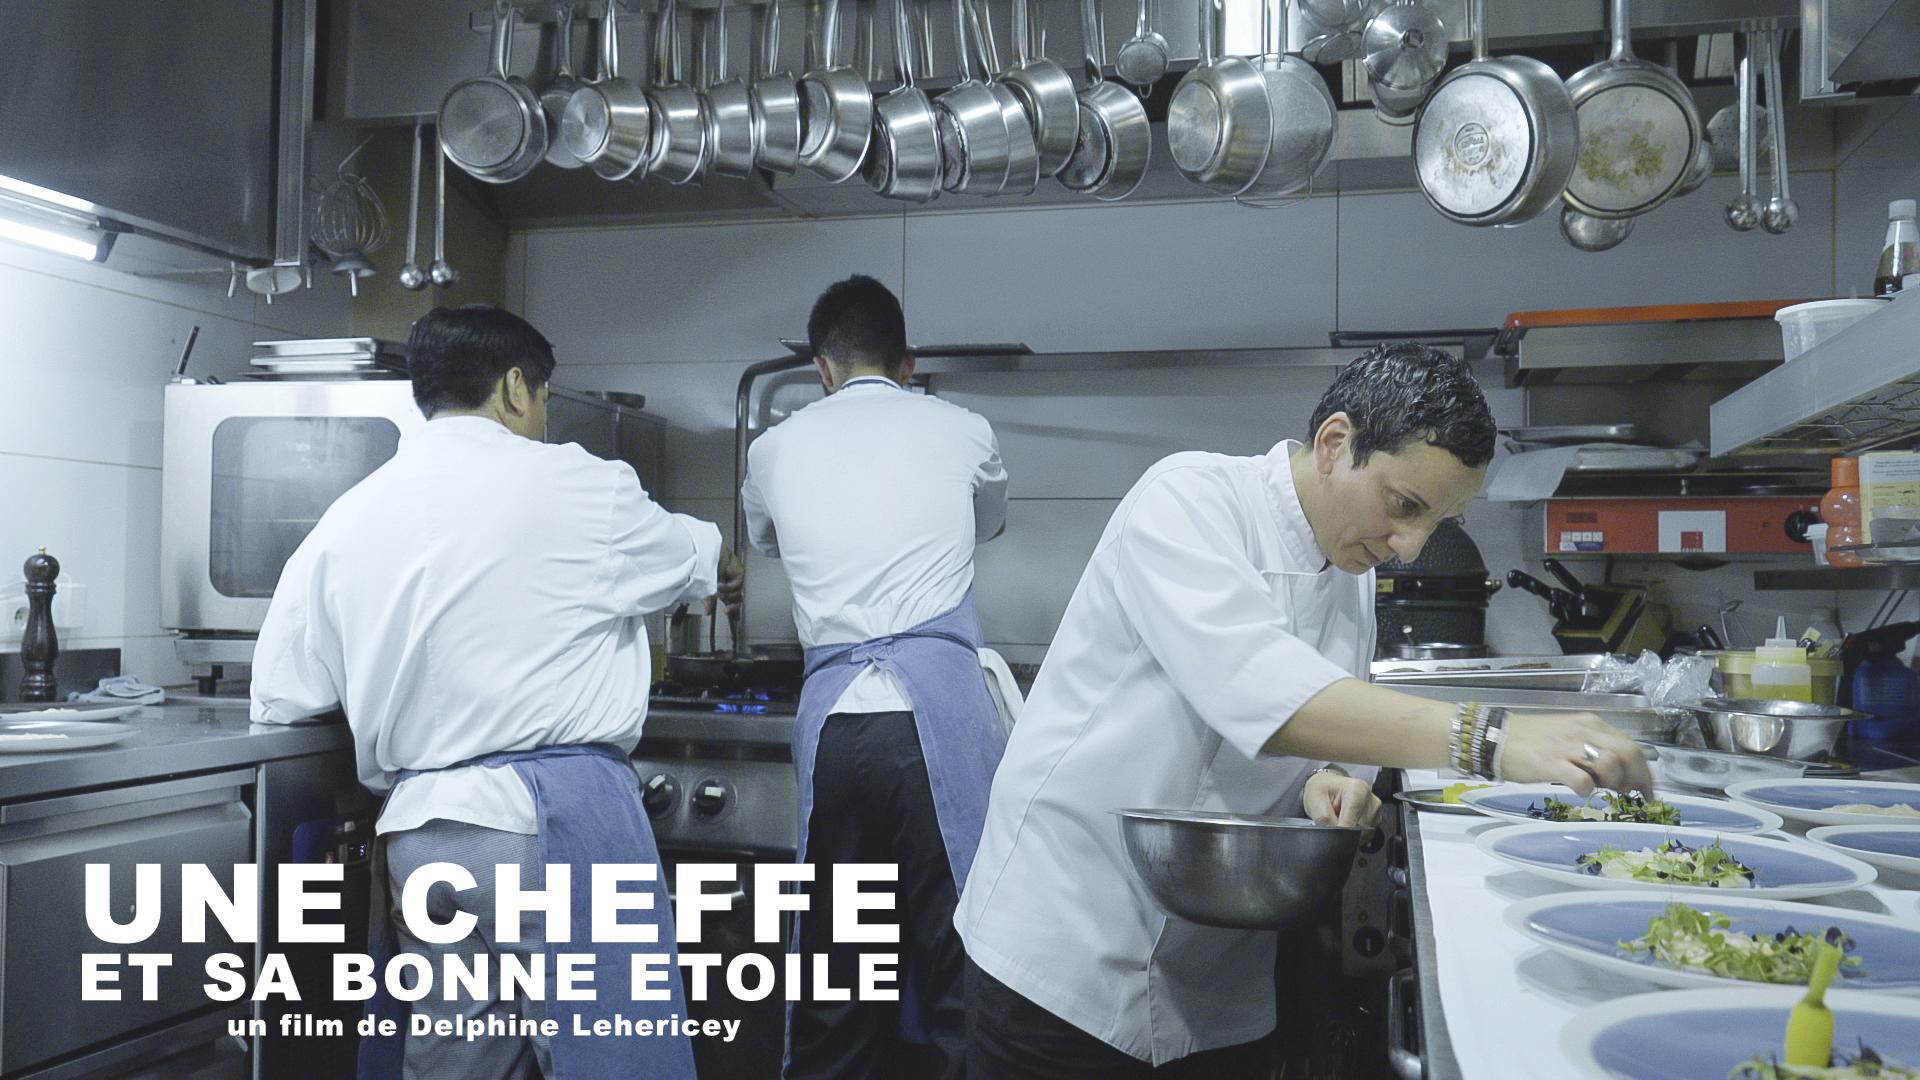 doc_une-cheffe-et-sa-bonne-etoile_small